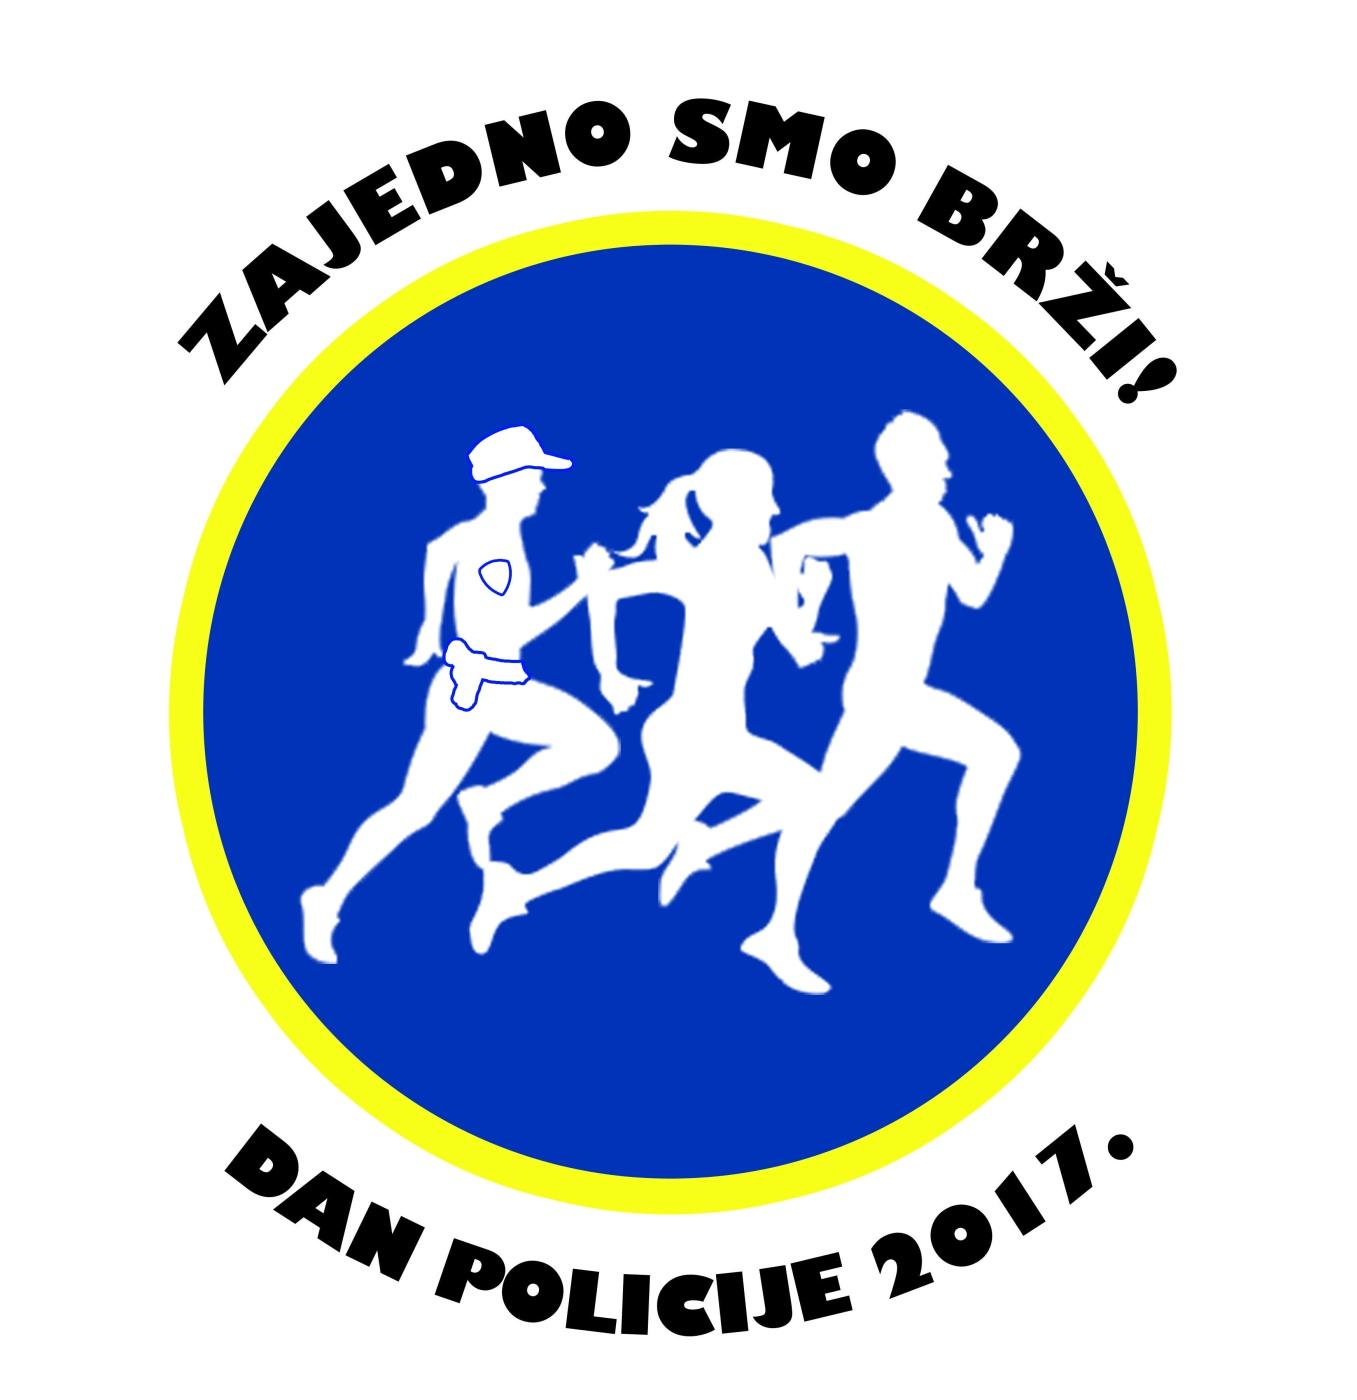 logo utrka dan policije